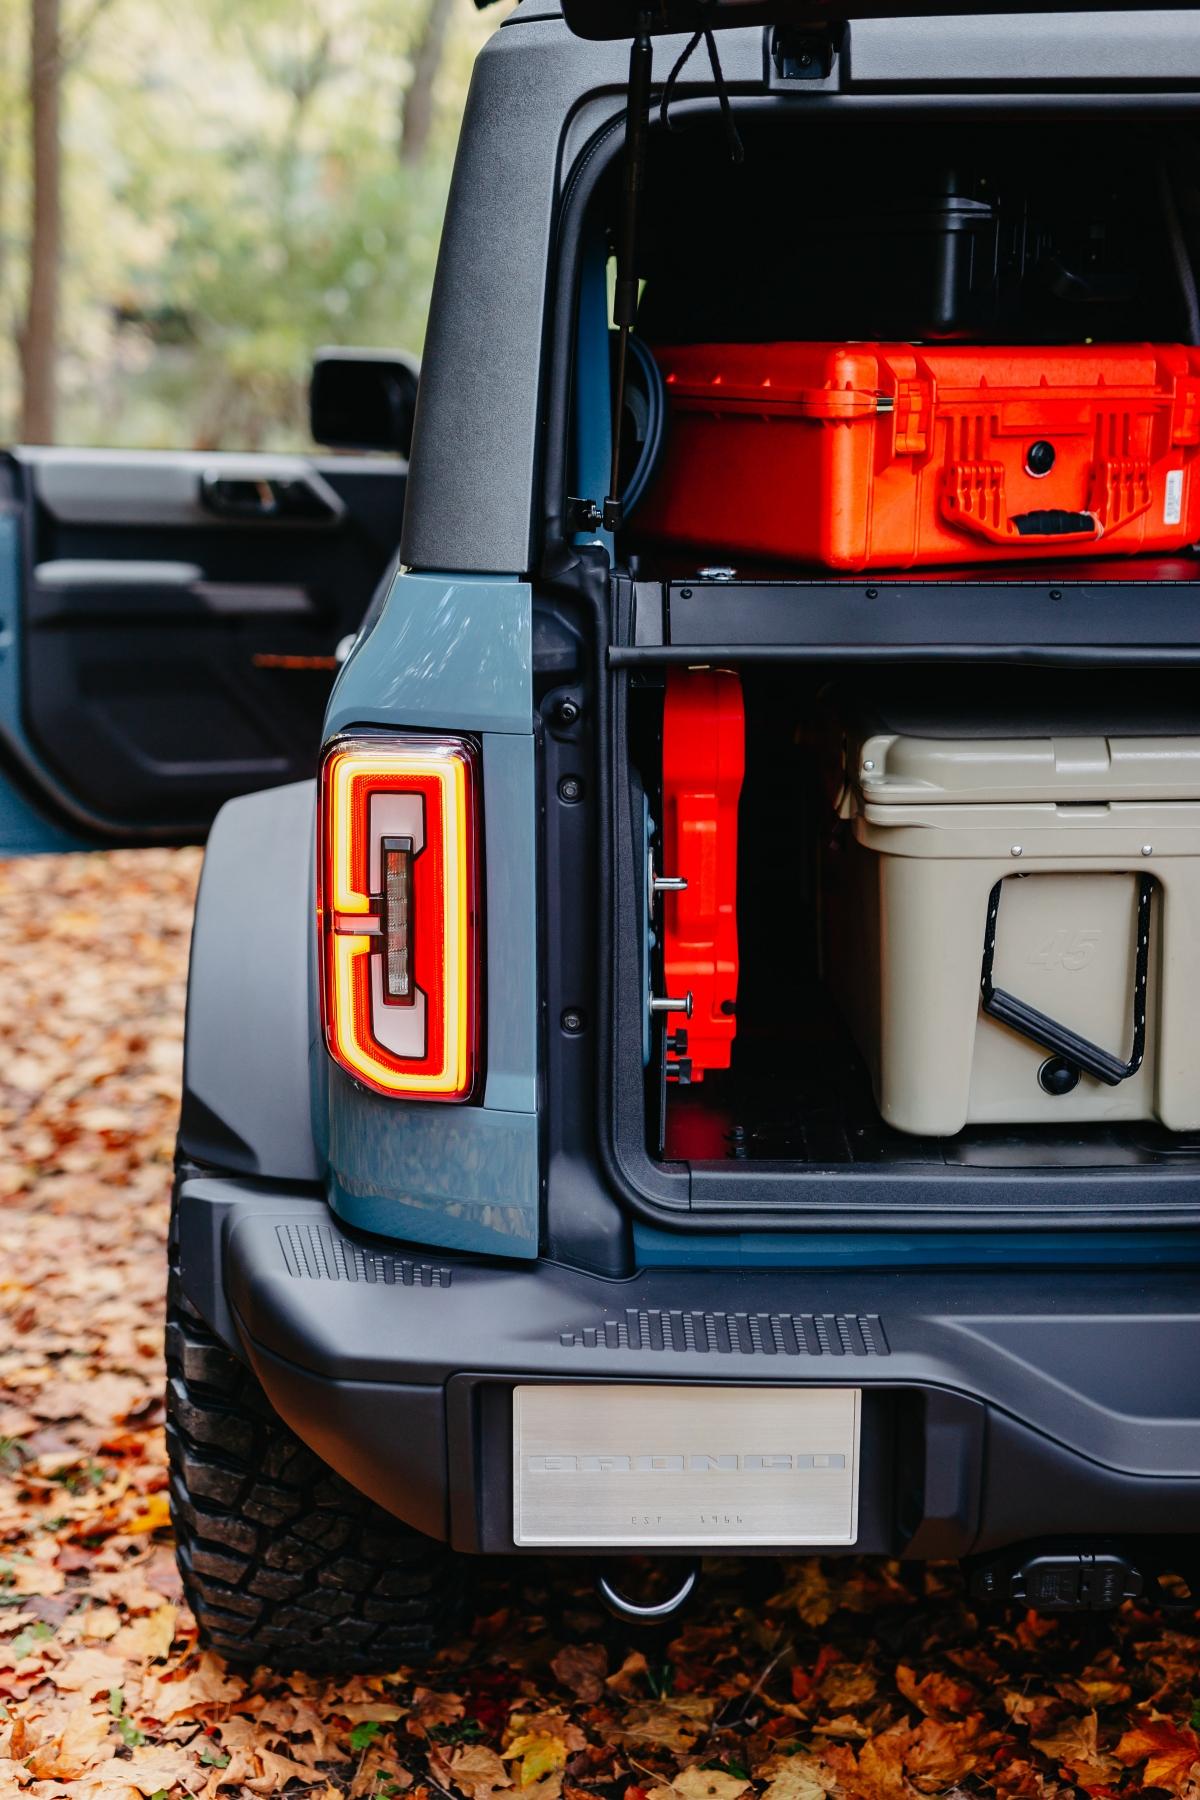 """Xe có được hệ thống treo """"High-Performance Off-road Stability Suspension System"""" (H.O.S.S) với bộ giảm chấn Bilstein. Mâm xe Turbomatic bed-lock kích thước 17 inch và lốp BFGoodrich địa hình bùn kích thước 35 inch."""